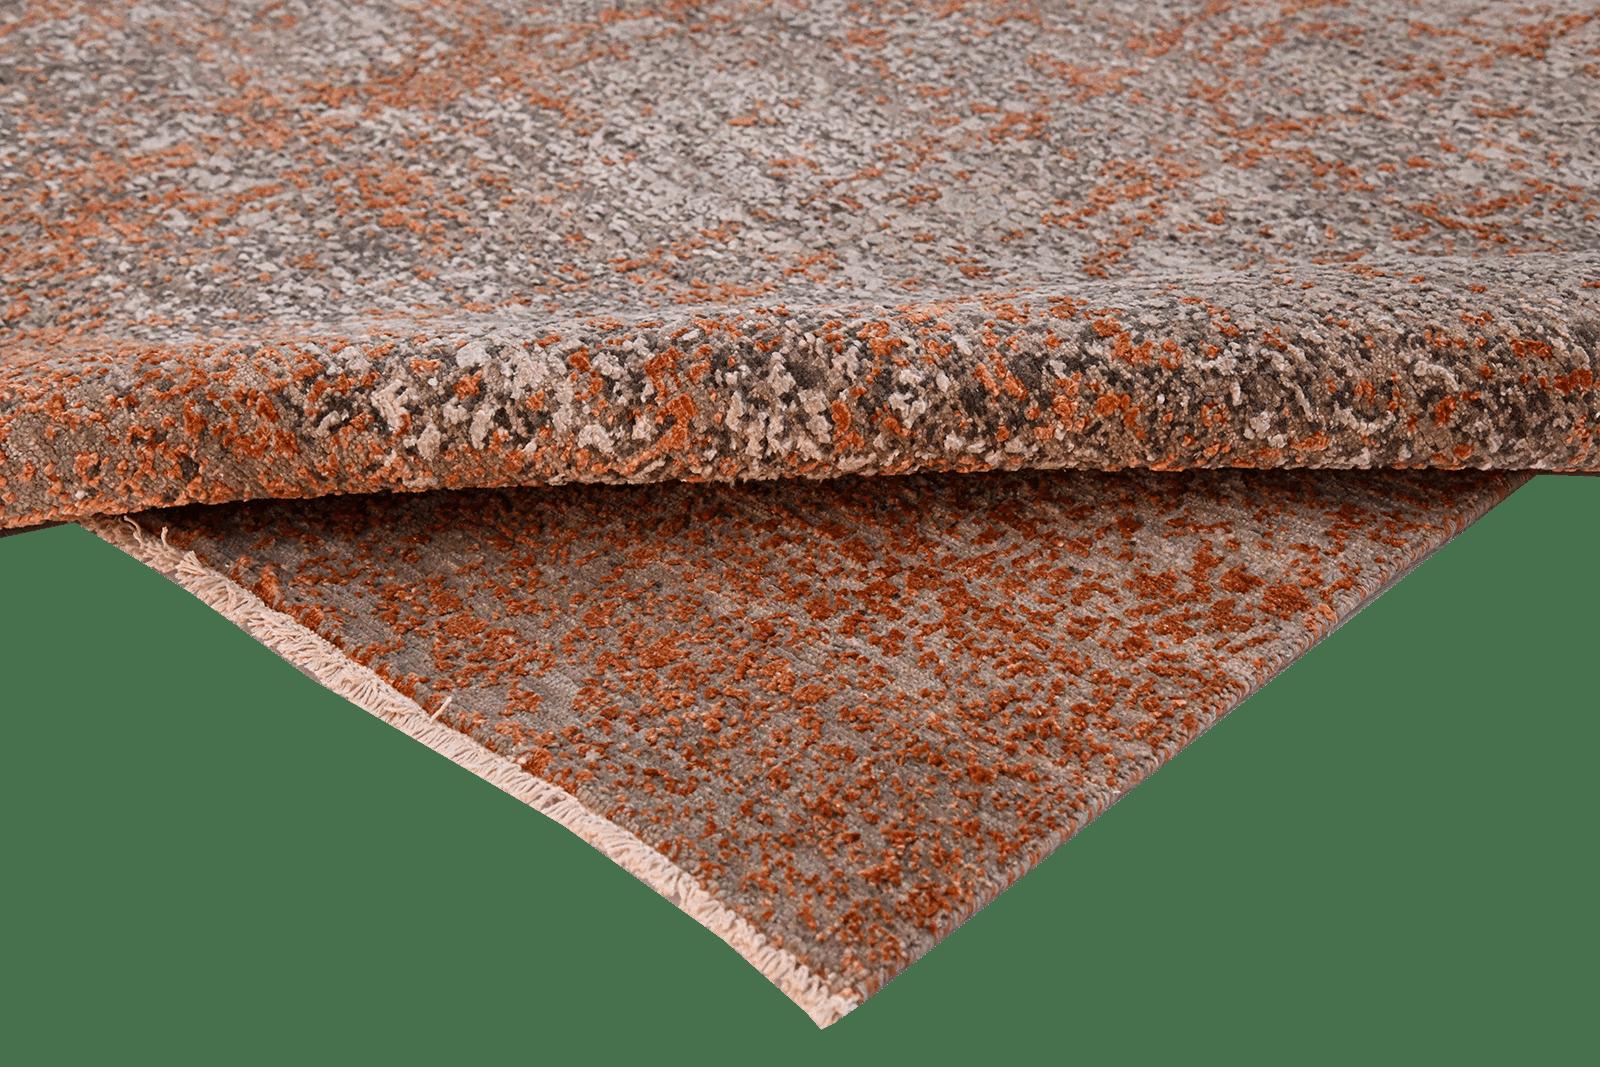 bentayga-design-tapijt-luxe-moderne-exclusieve-design-tapijten-luxe-vloerkleden-zijde-roest-goud-oranje-creme-300x241-koreman-maastricht-4253-rol